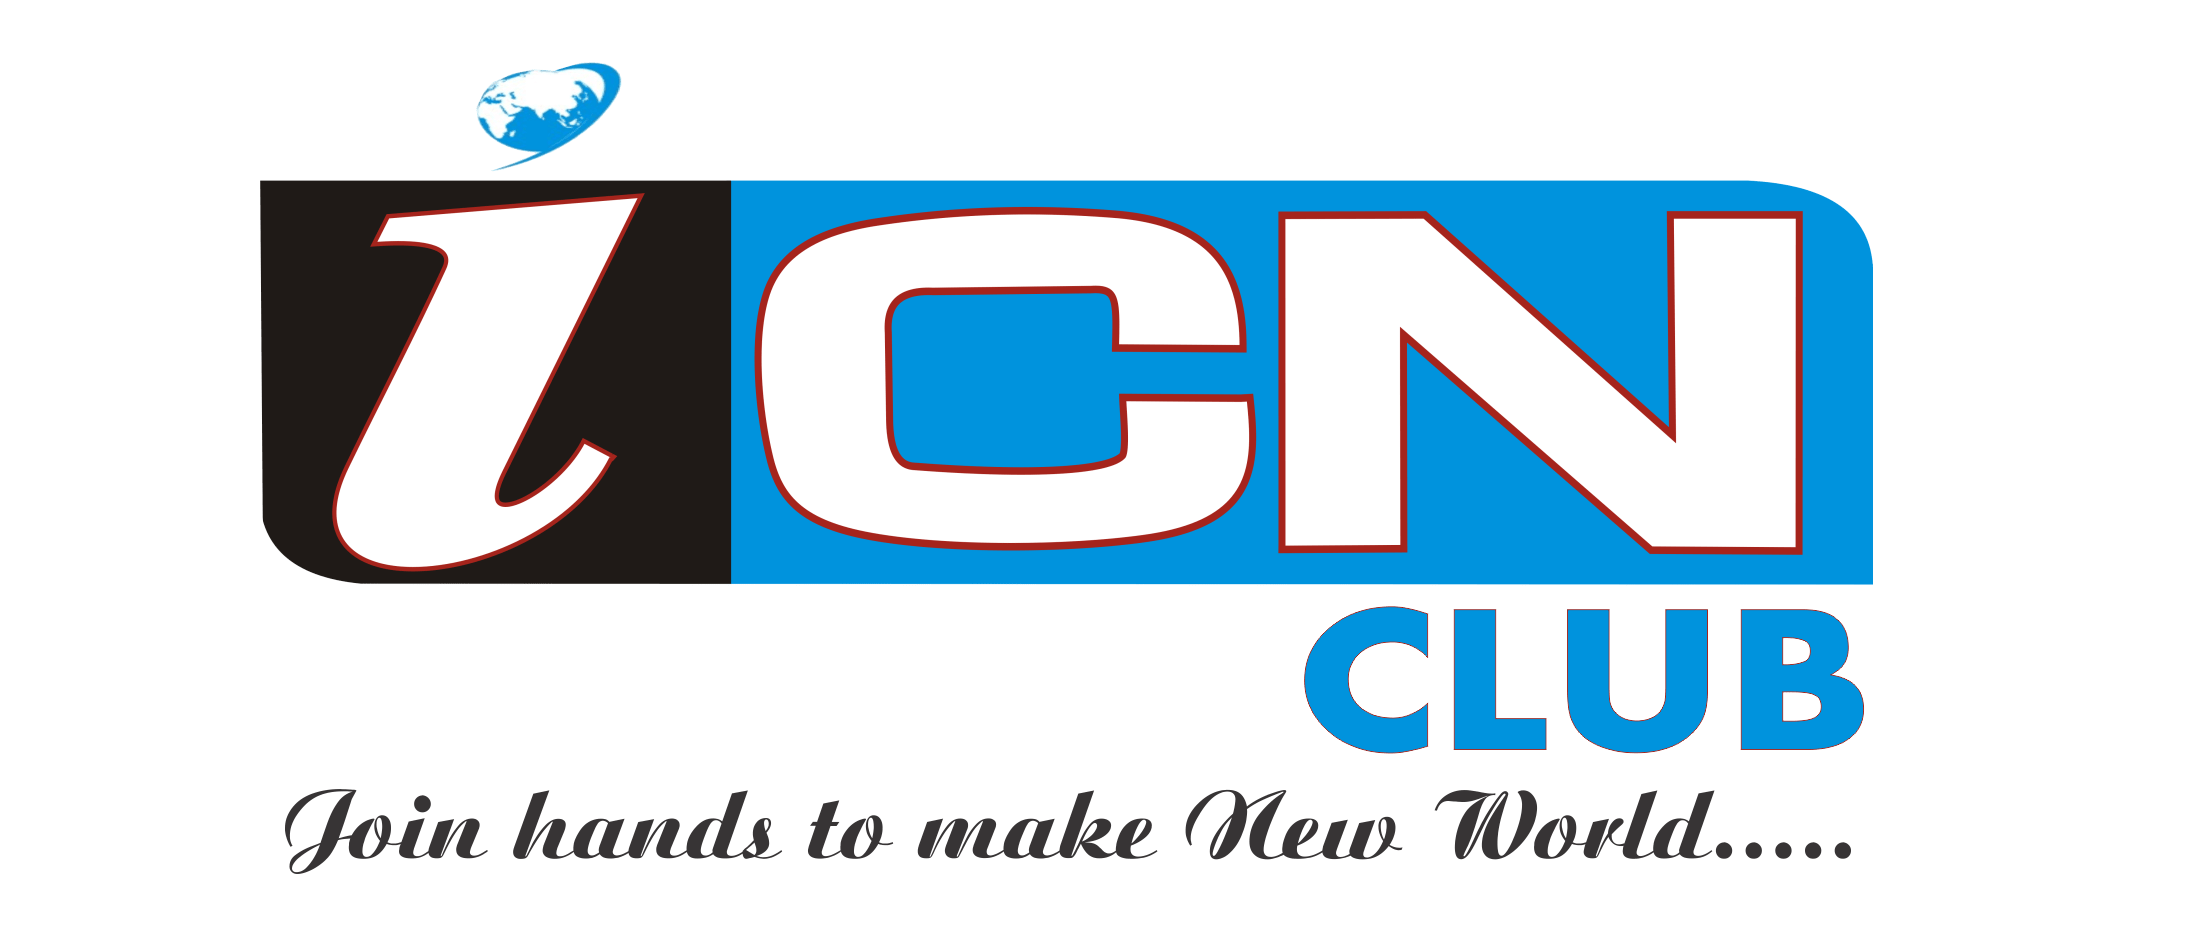 ICN CLUB